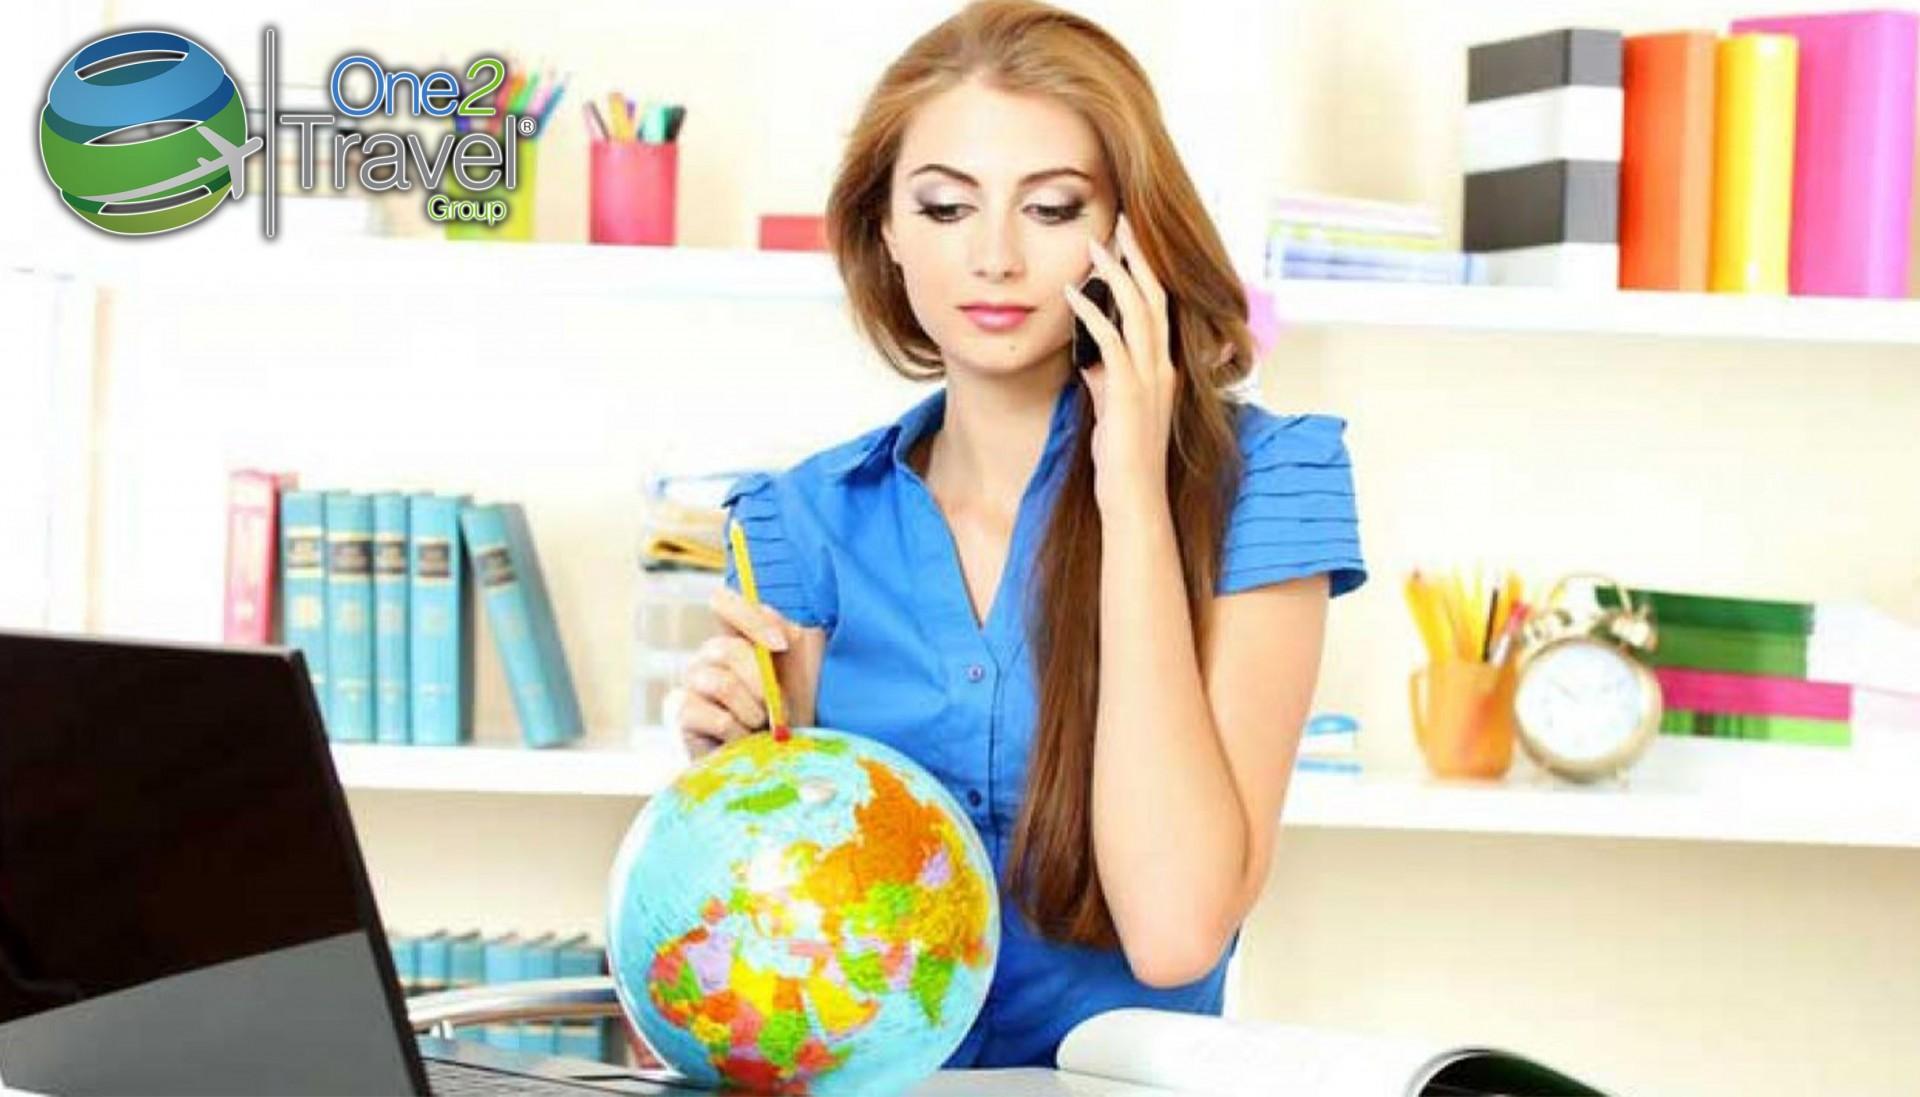 Consulta con tu agente de viajes